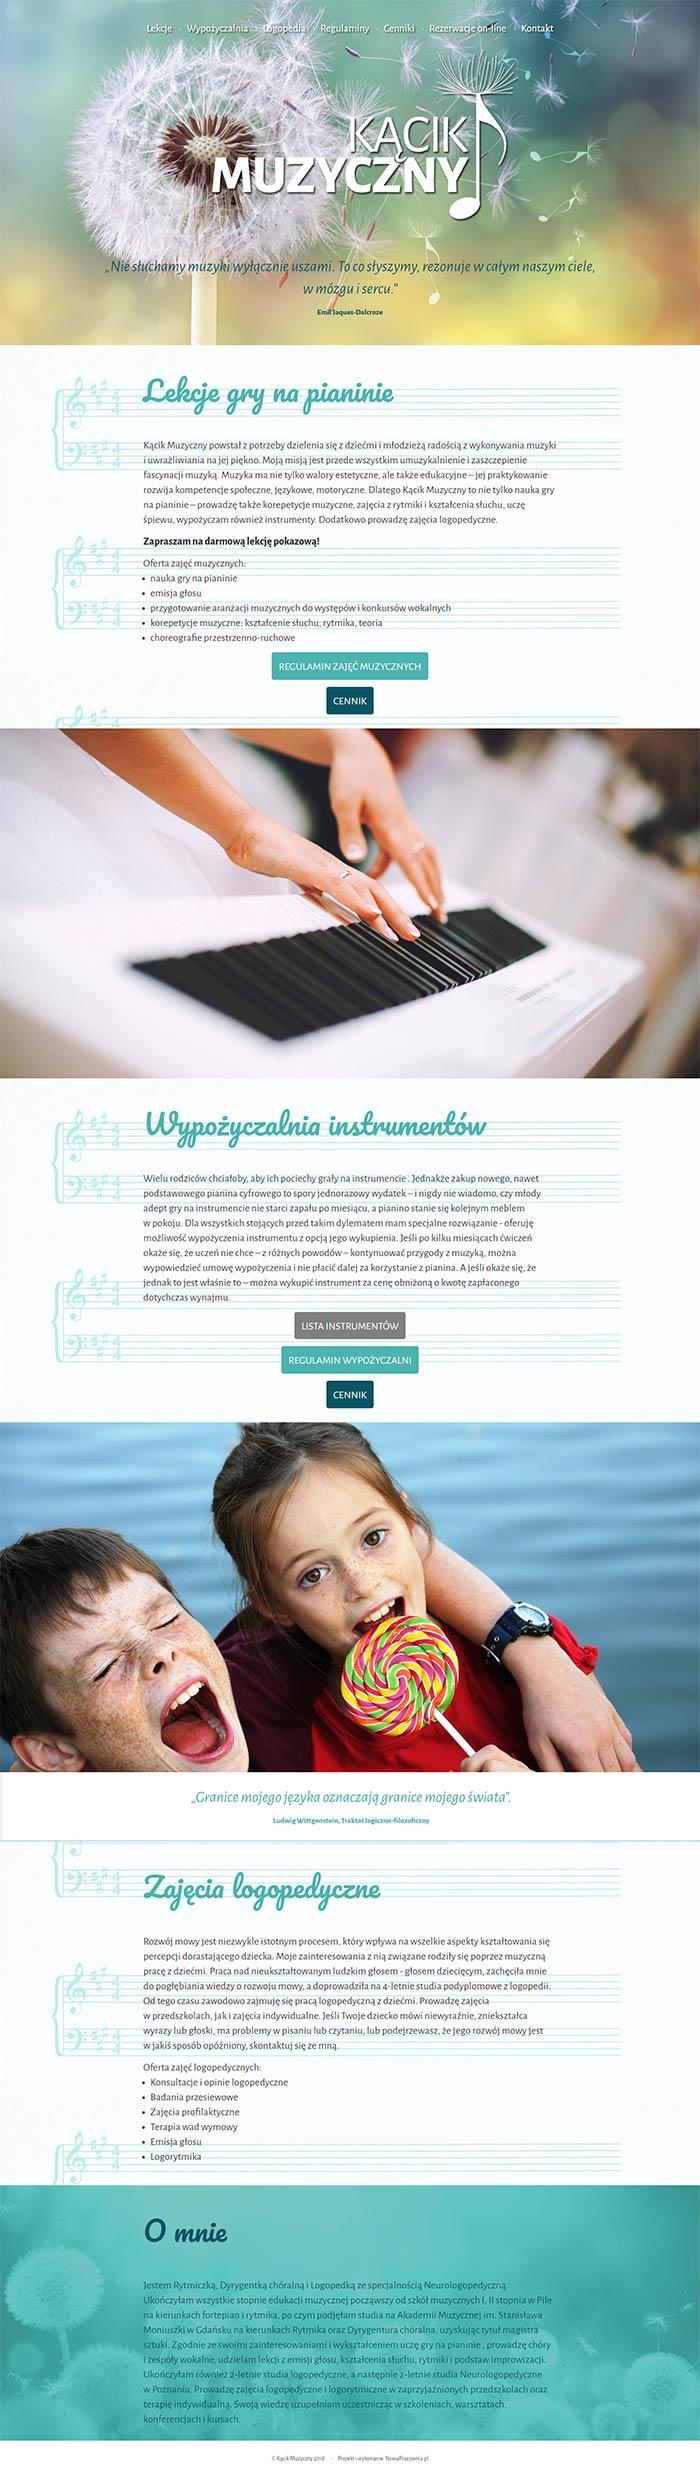 Webdesign strony internetowej Kącik Muzyczny